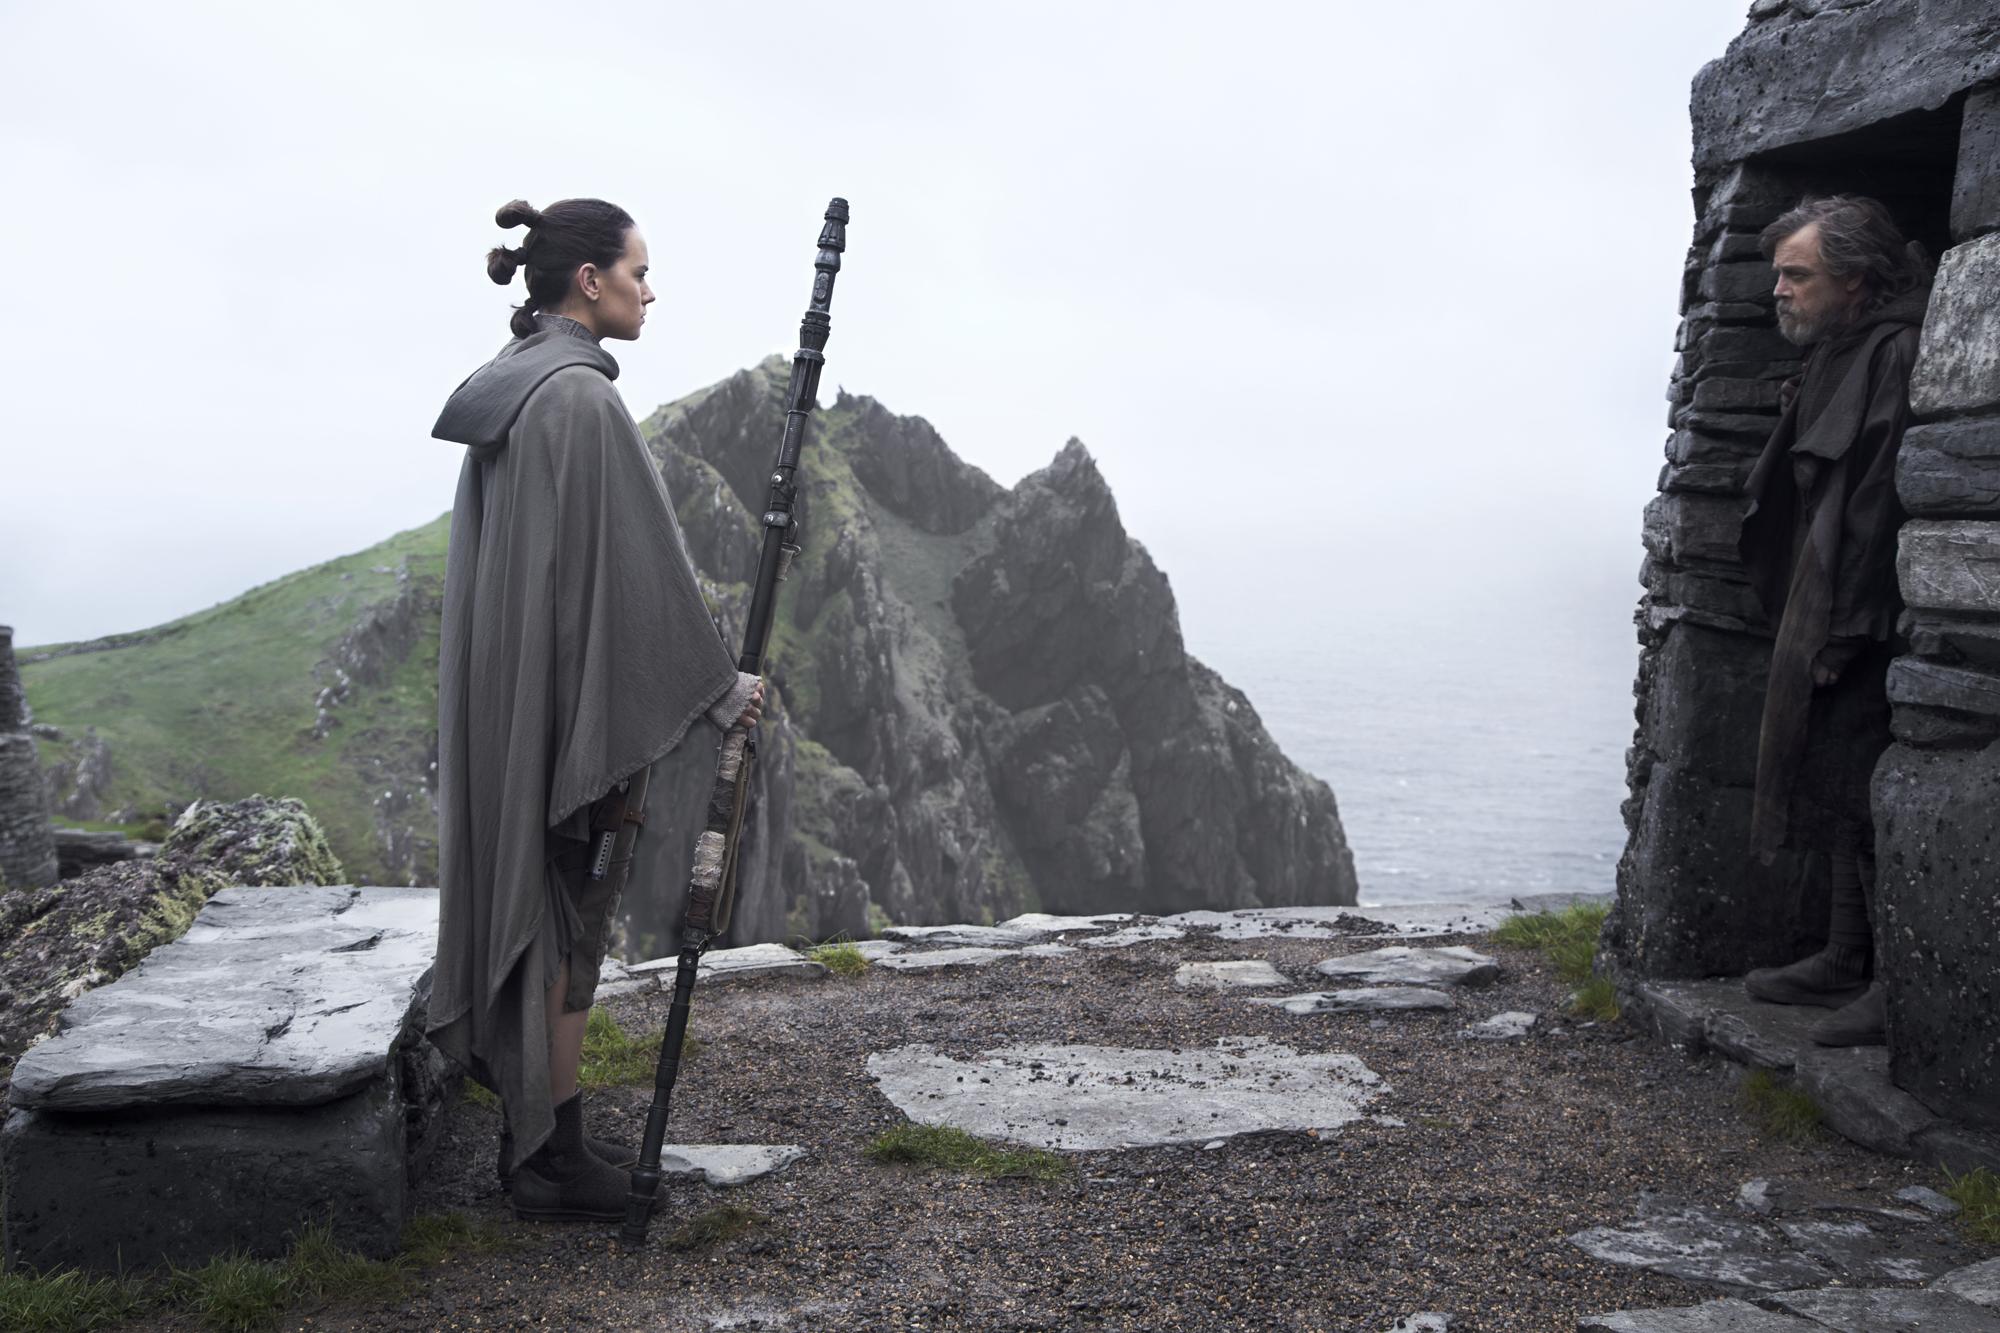 Johnson egy korábbi interjúban elárulta a film egyik fő témáját: a hőseinkkel találkozni nem mindig kellemes élmény.